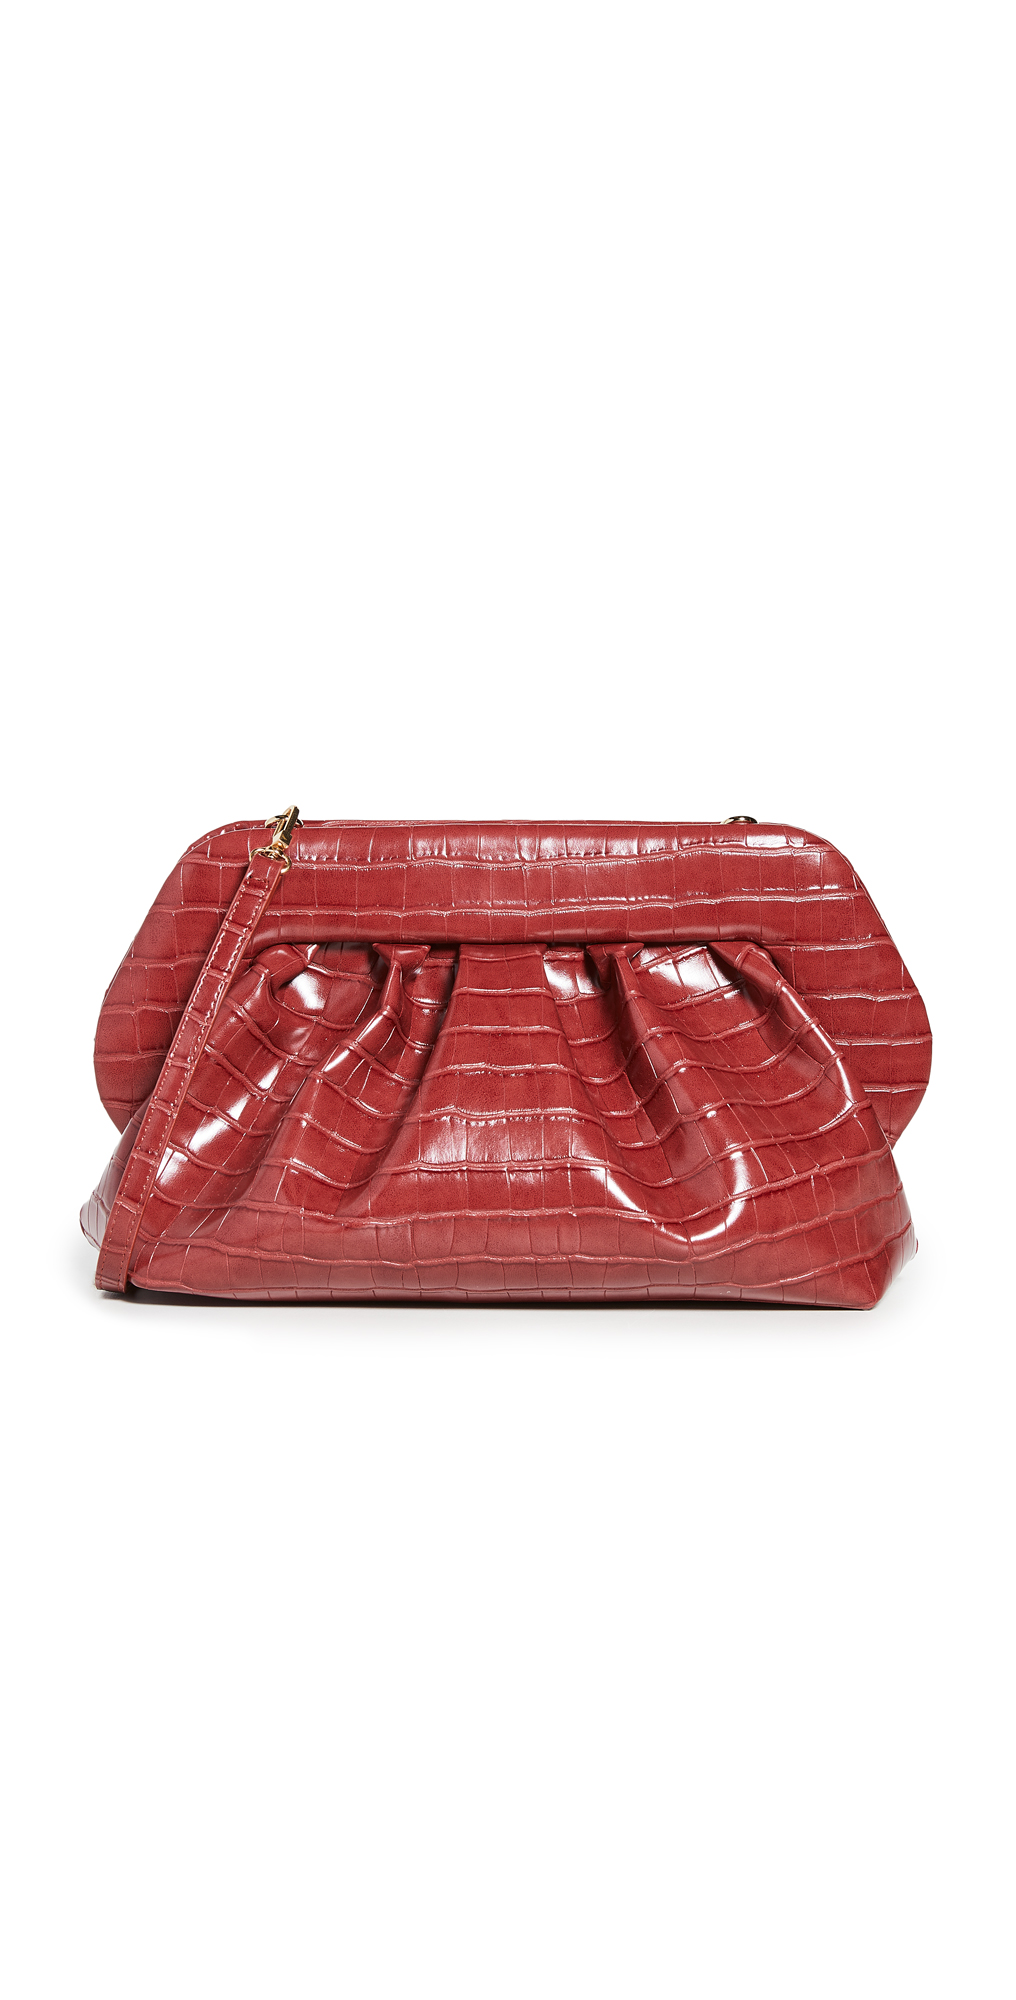 Themoire Bios Croco Bag